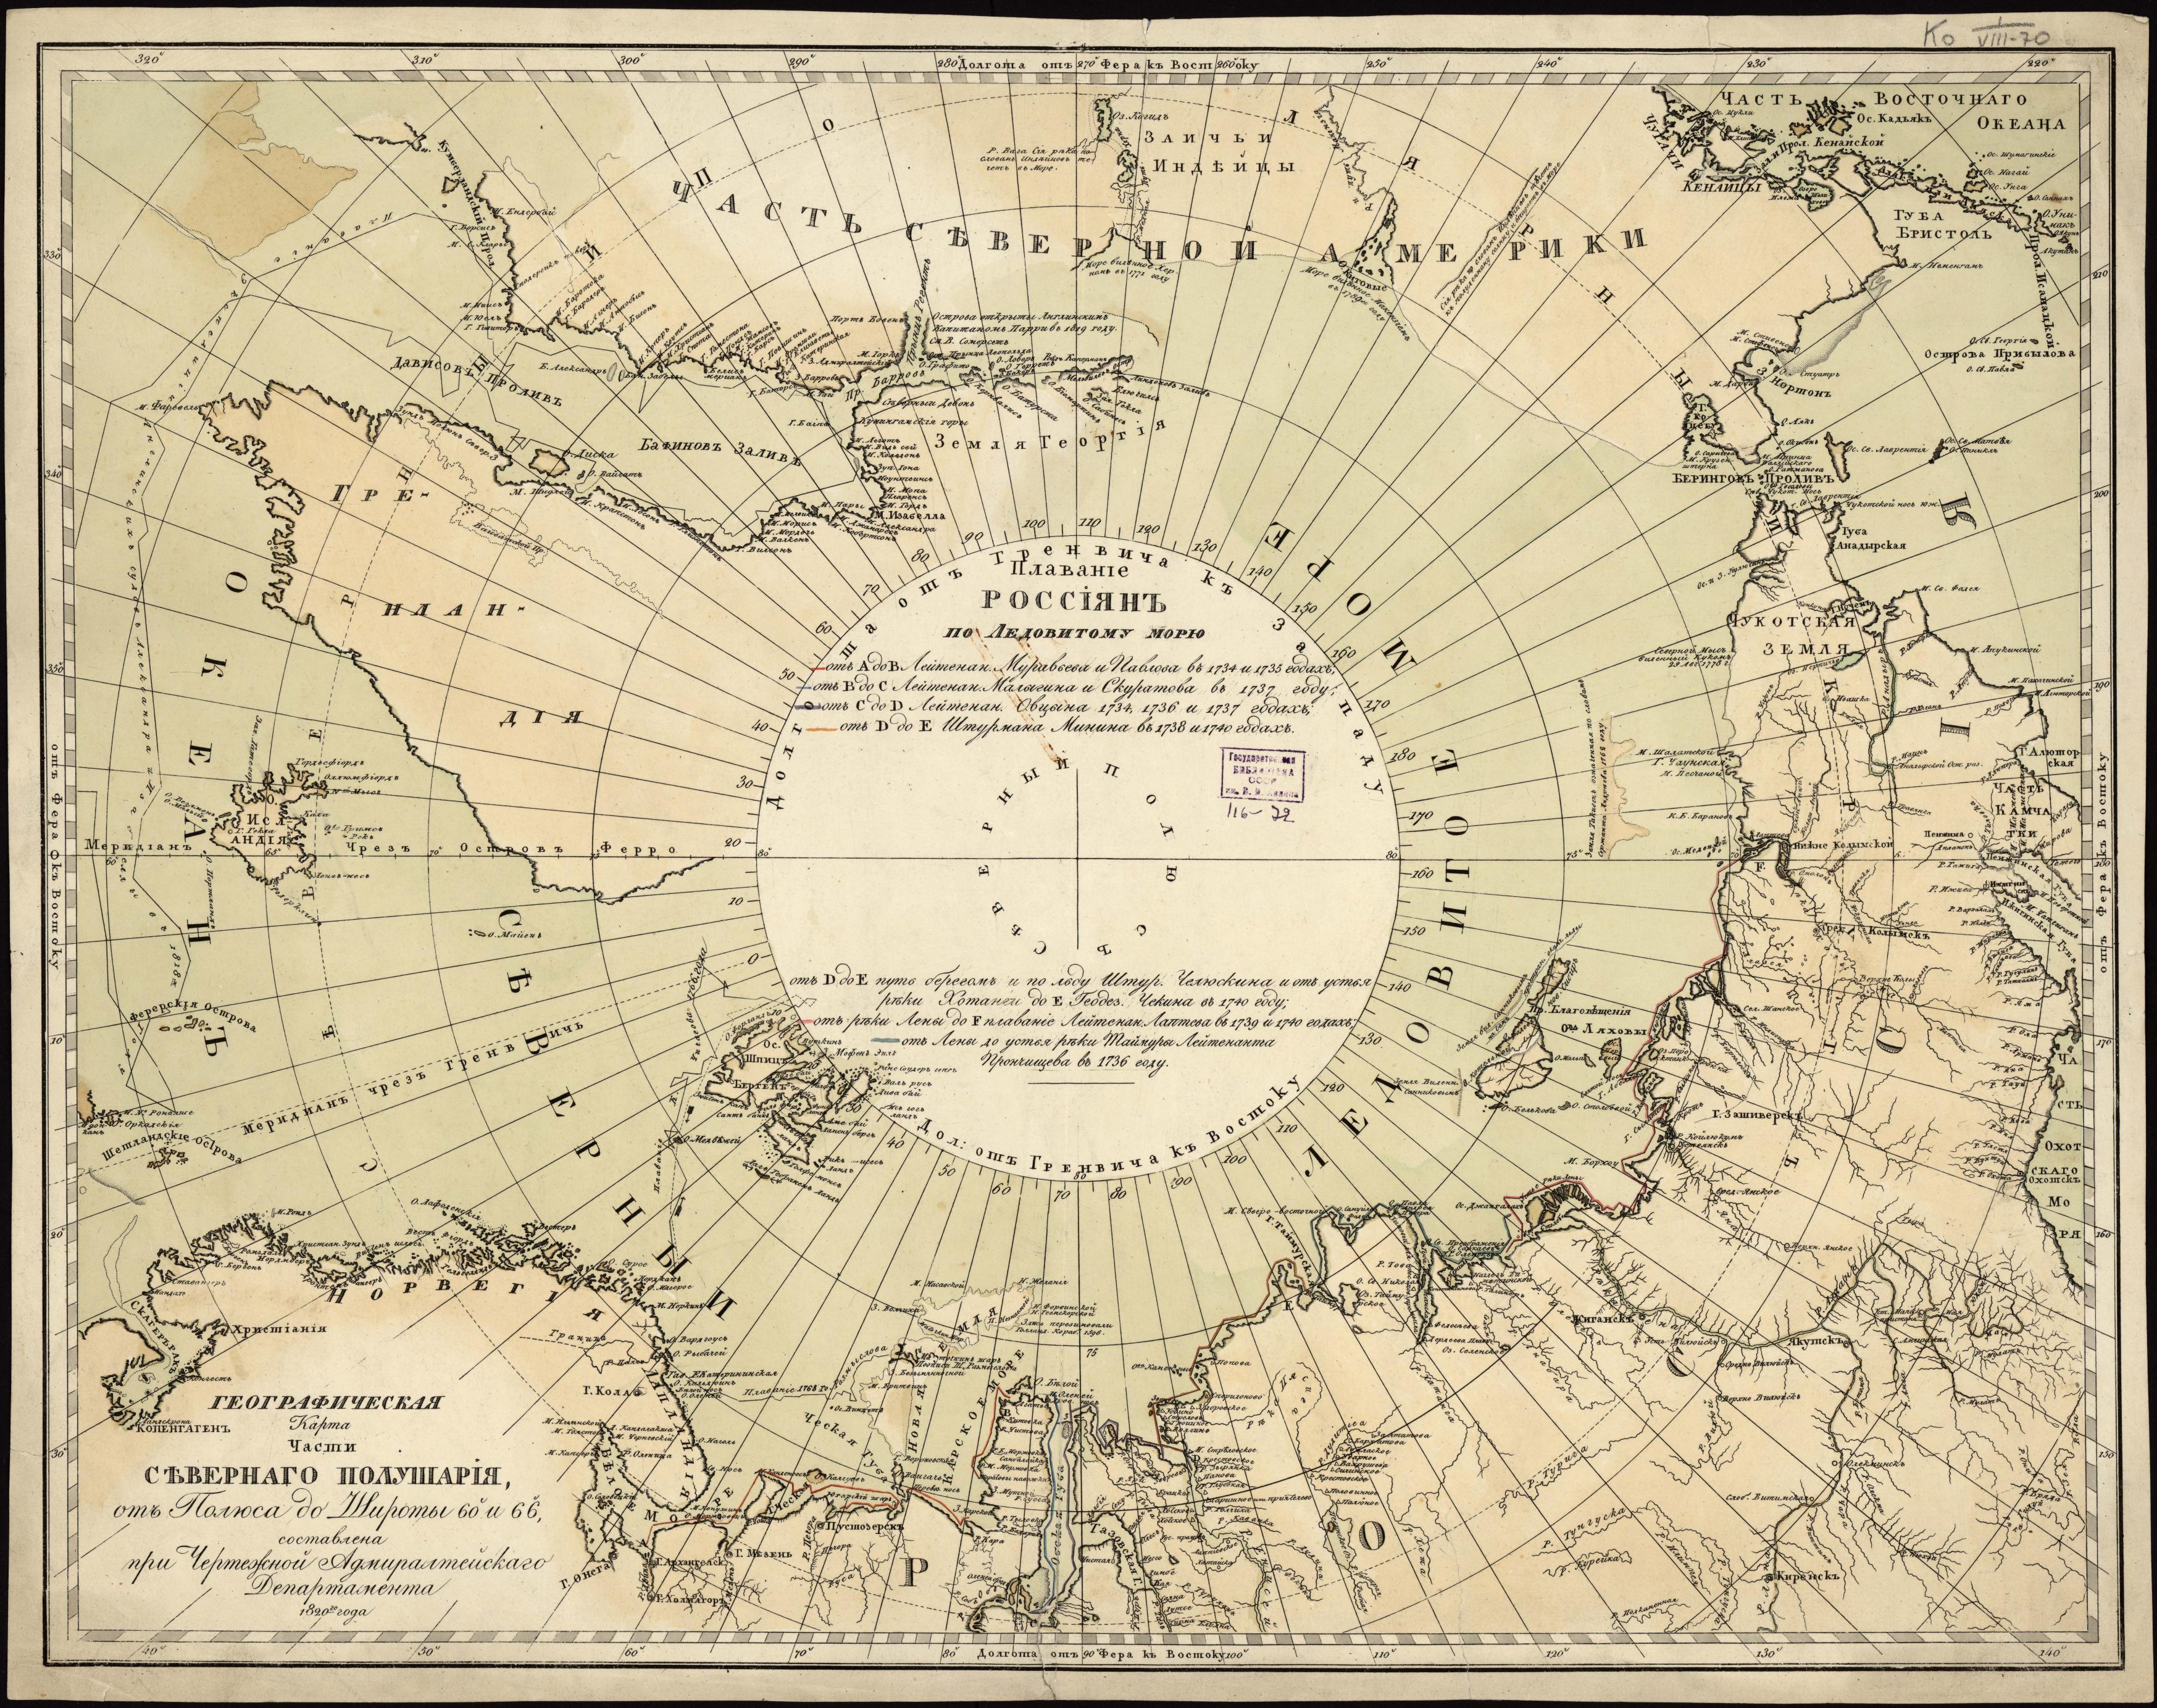 1820. Географическая карта части северного полушария от полюса до широты 60° и 66°, составлена при чертежной Адмиралтейского Департамента